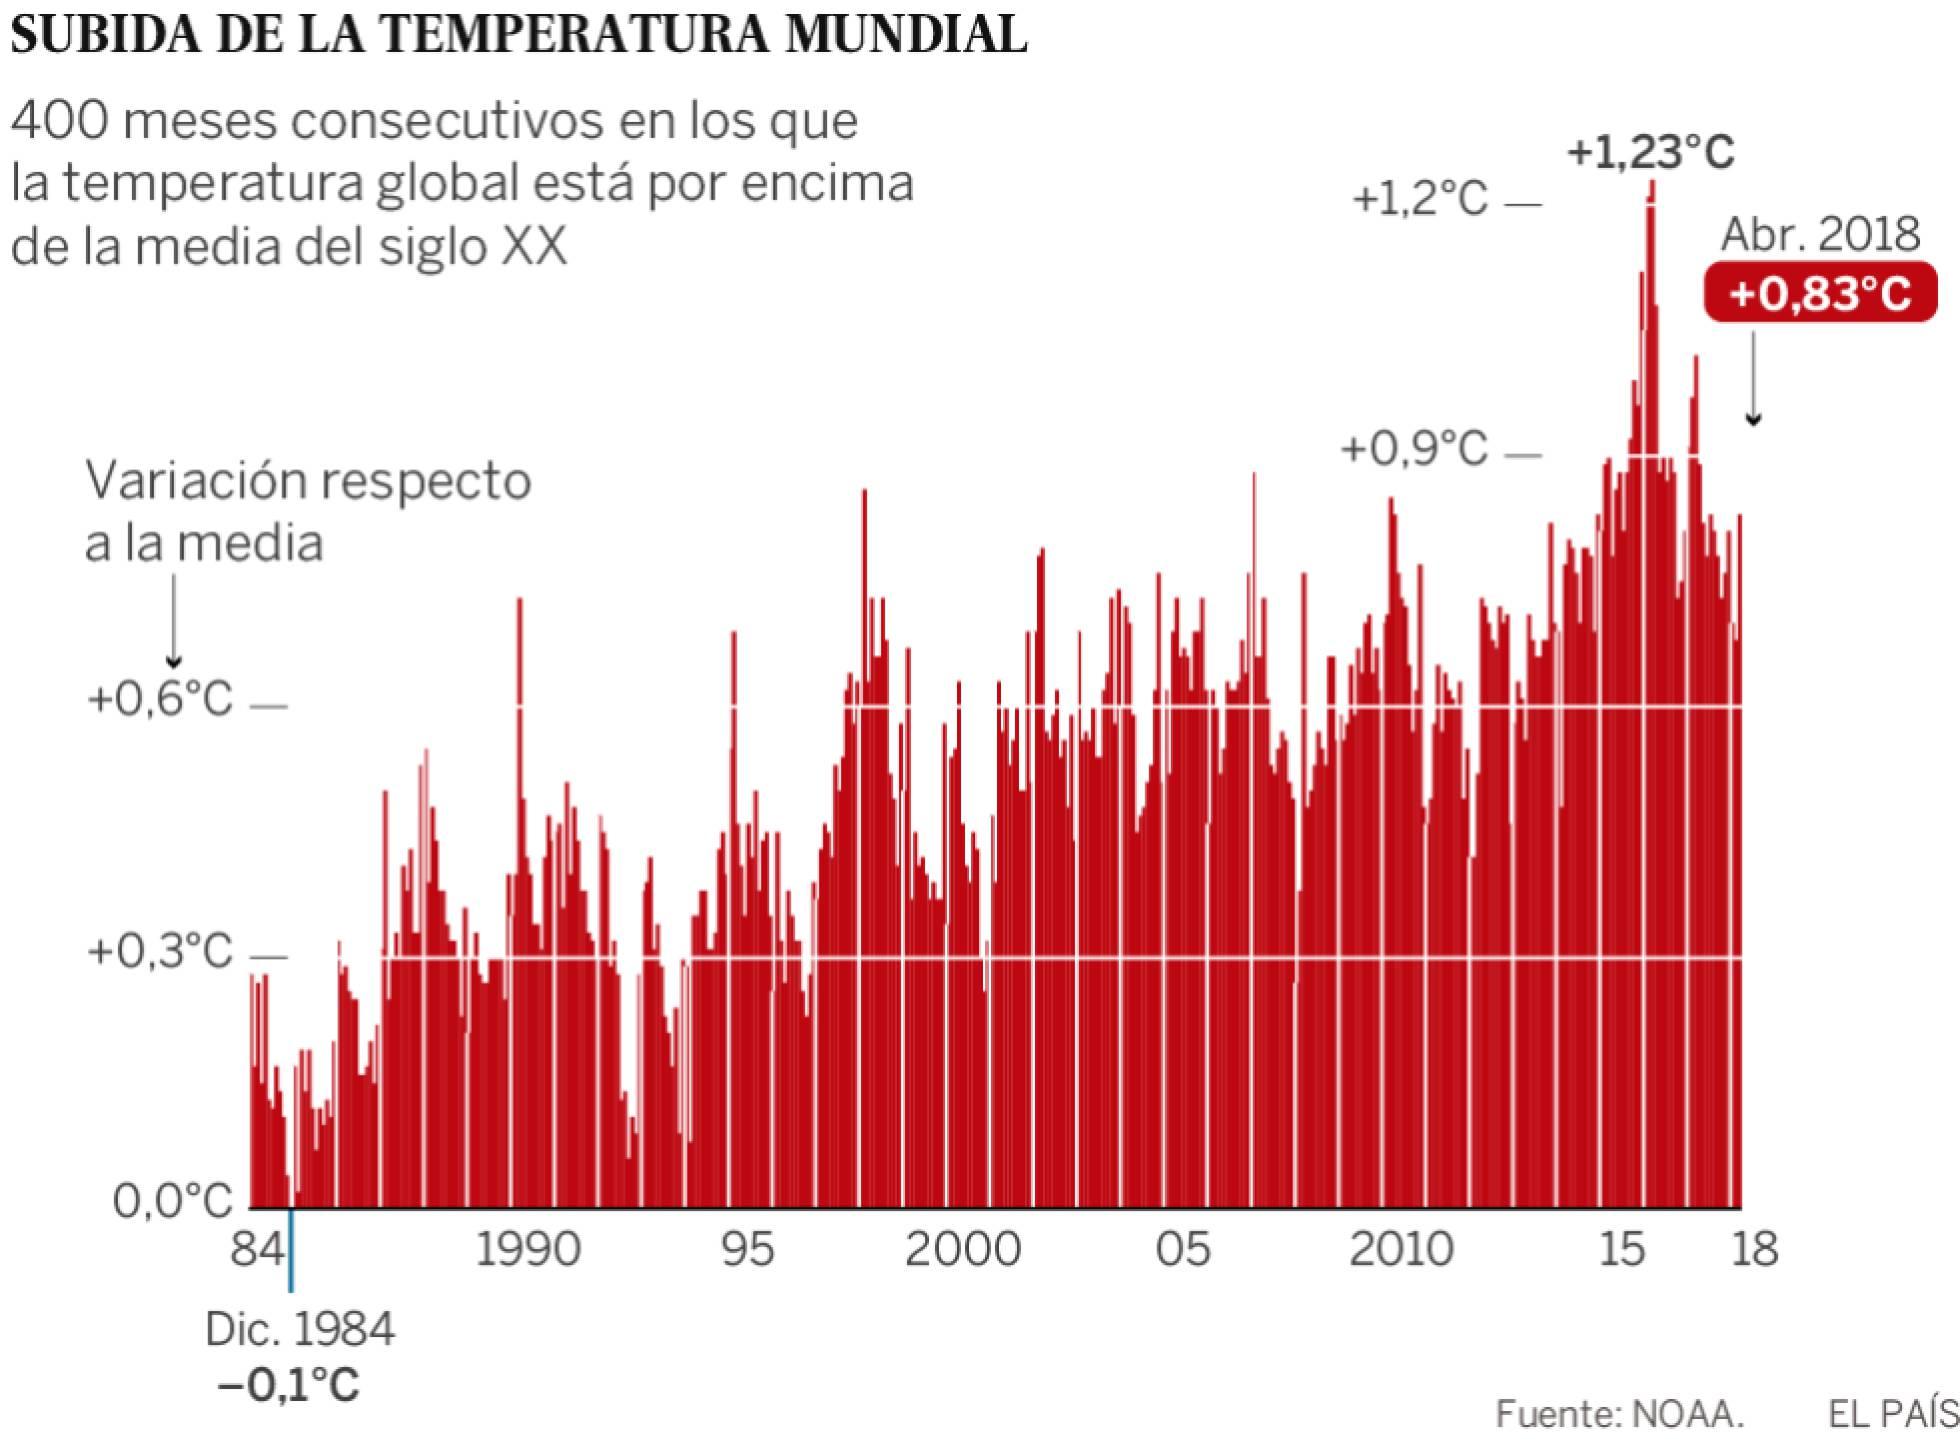 Incremento de temperatura mundial 2018